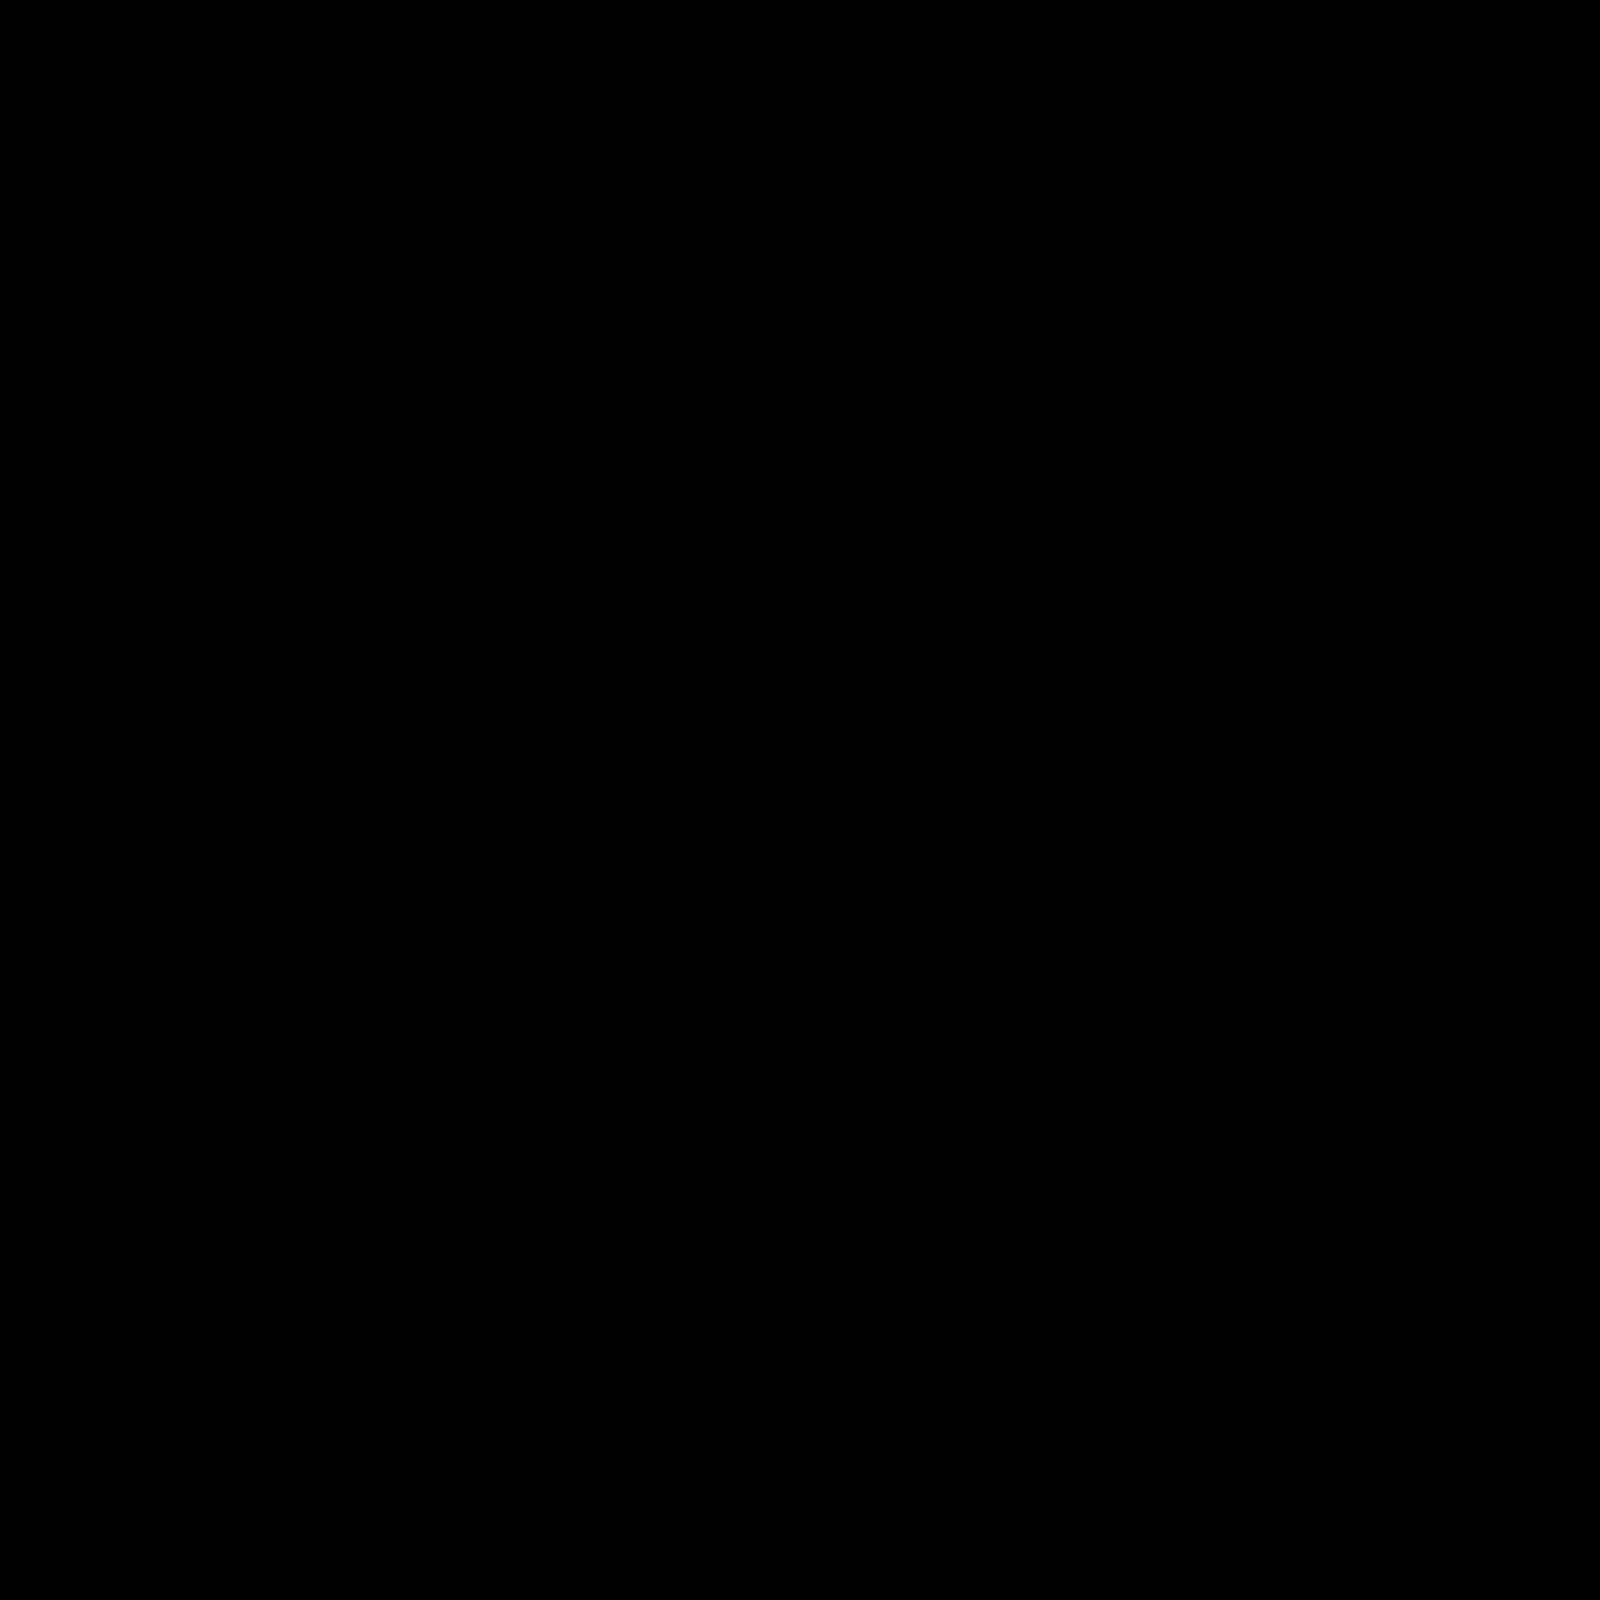 Tesoura de barbeiro icon